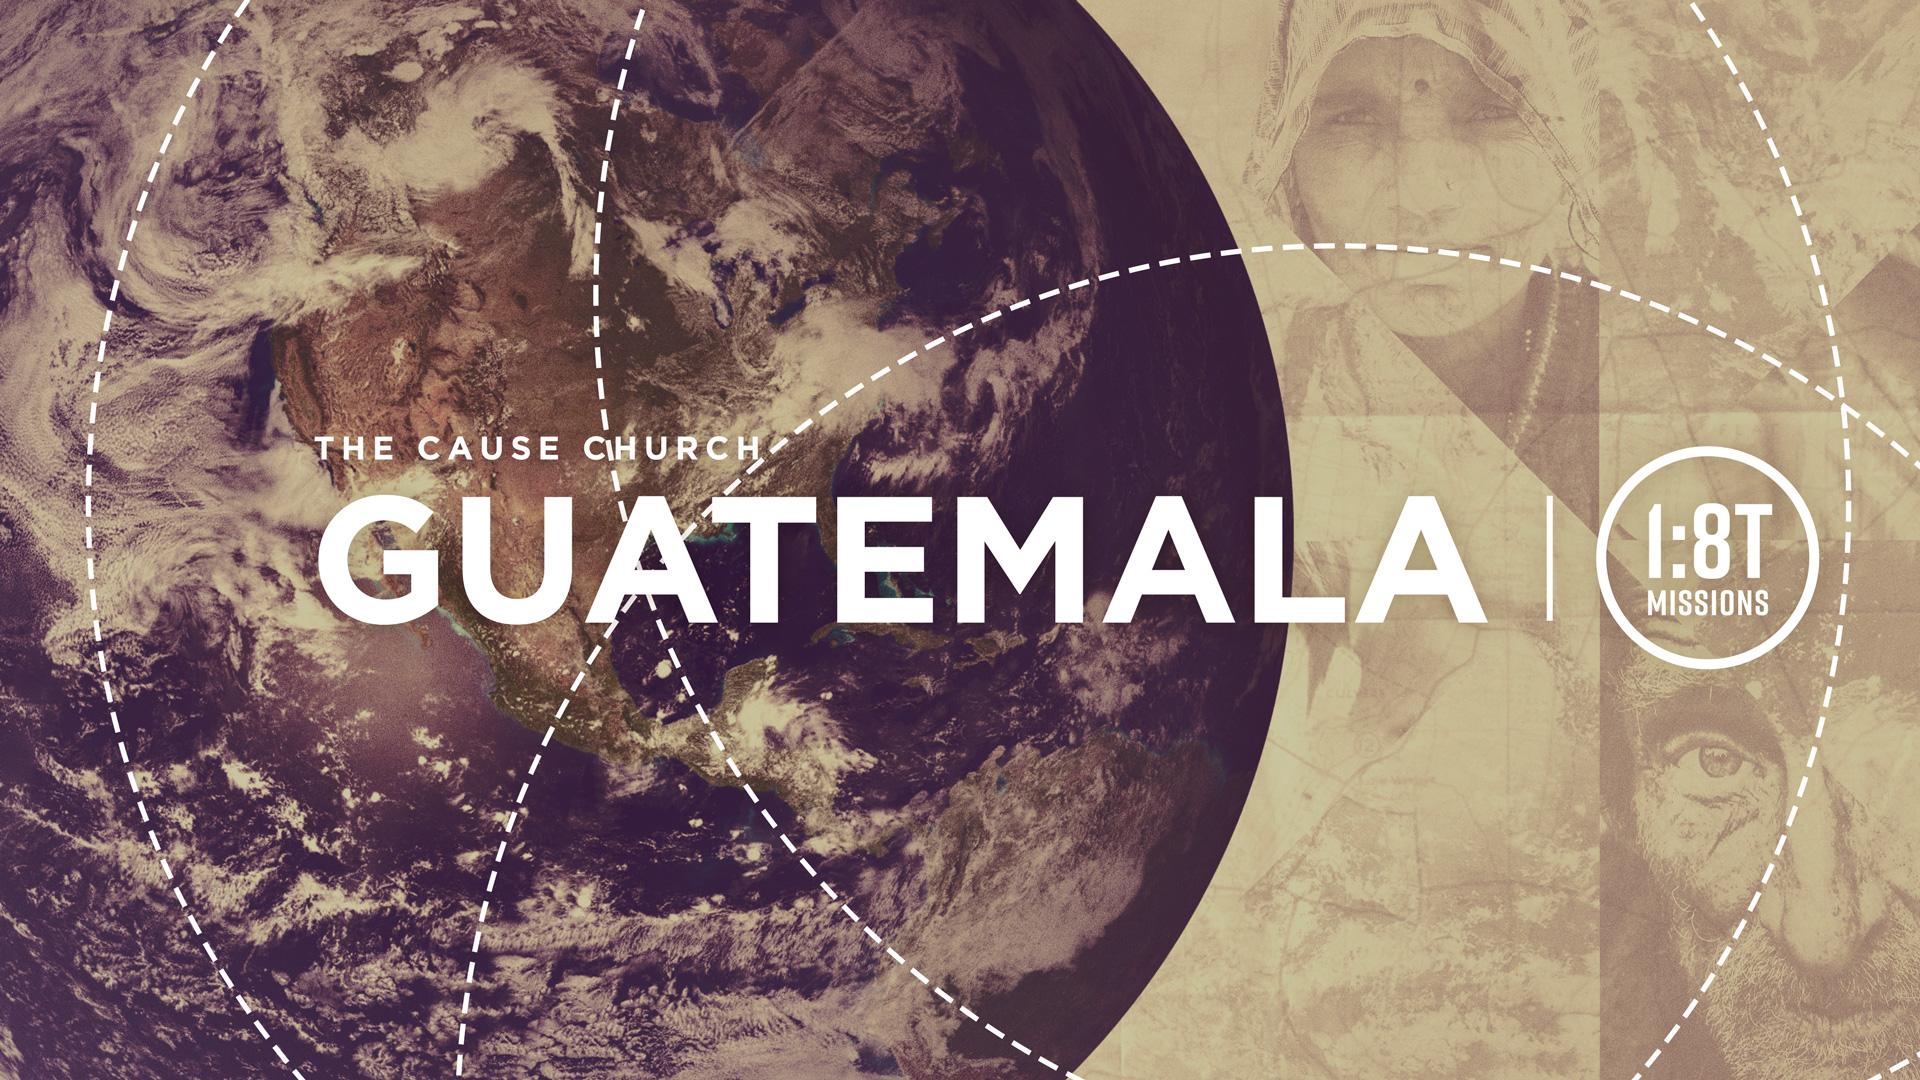 Guatemala Mission Trip 2019 - The Cause Church Brea, CA